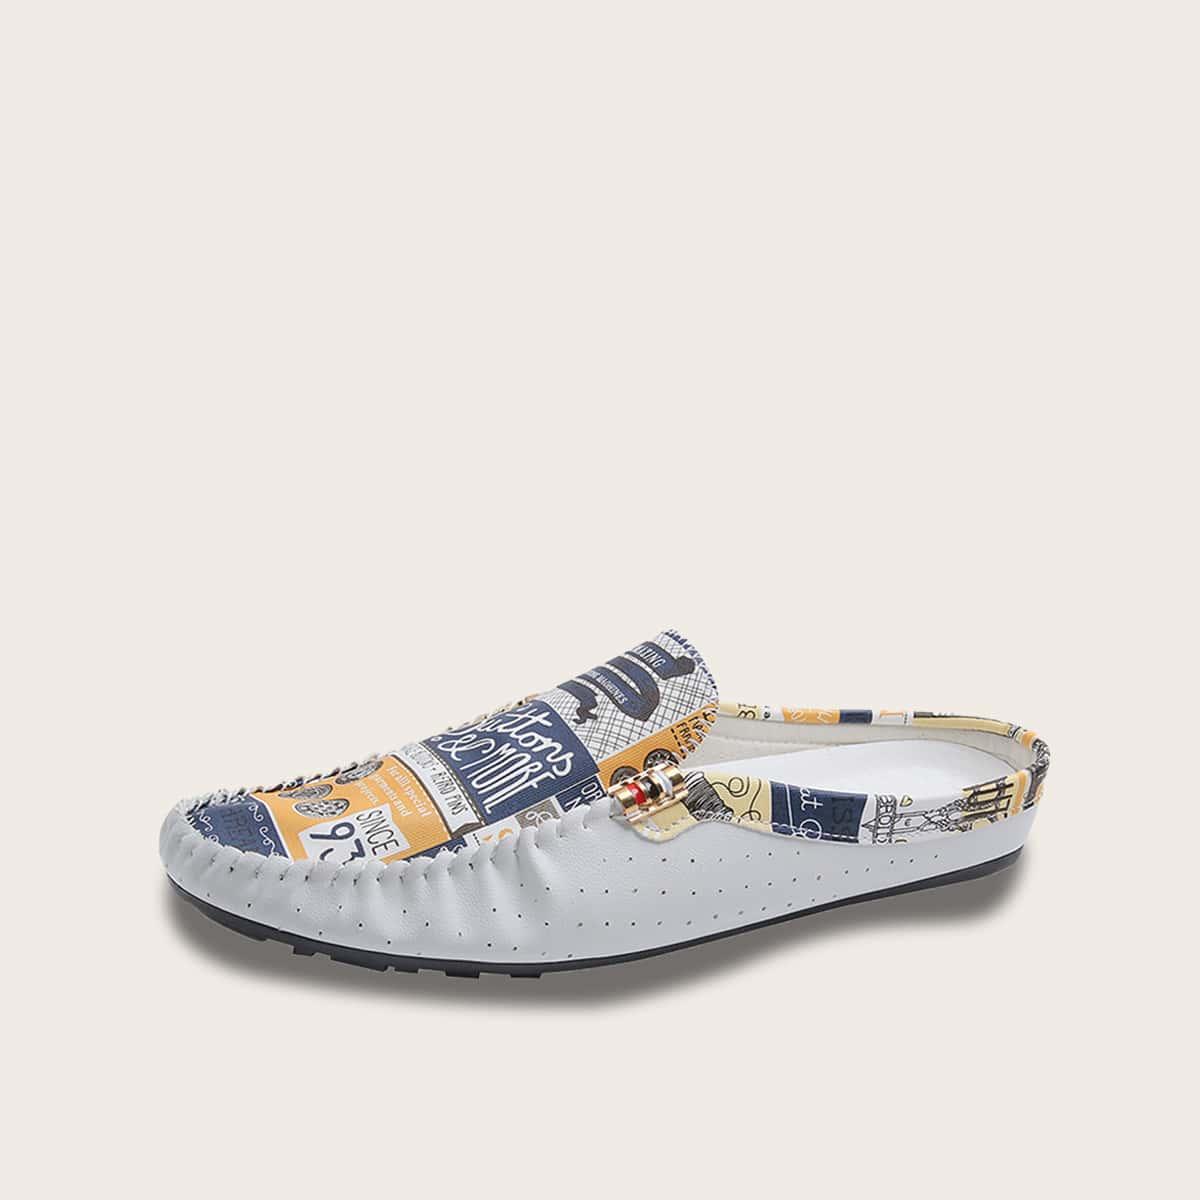 حذاء بدون كعب للرجال